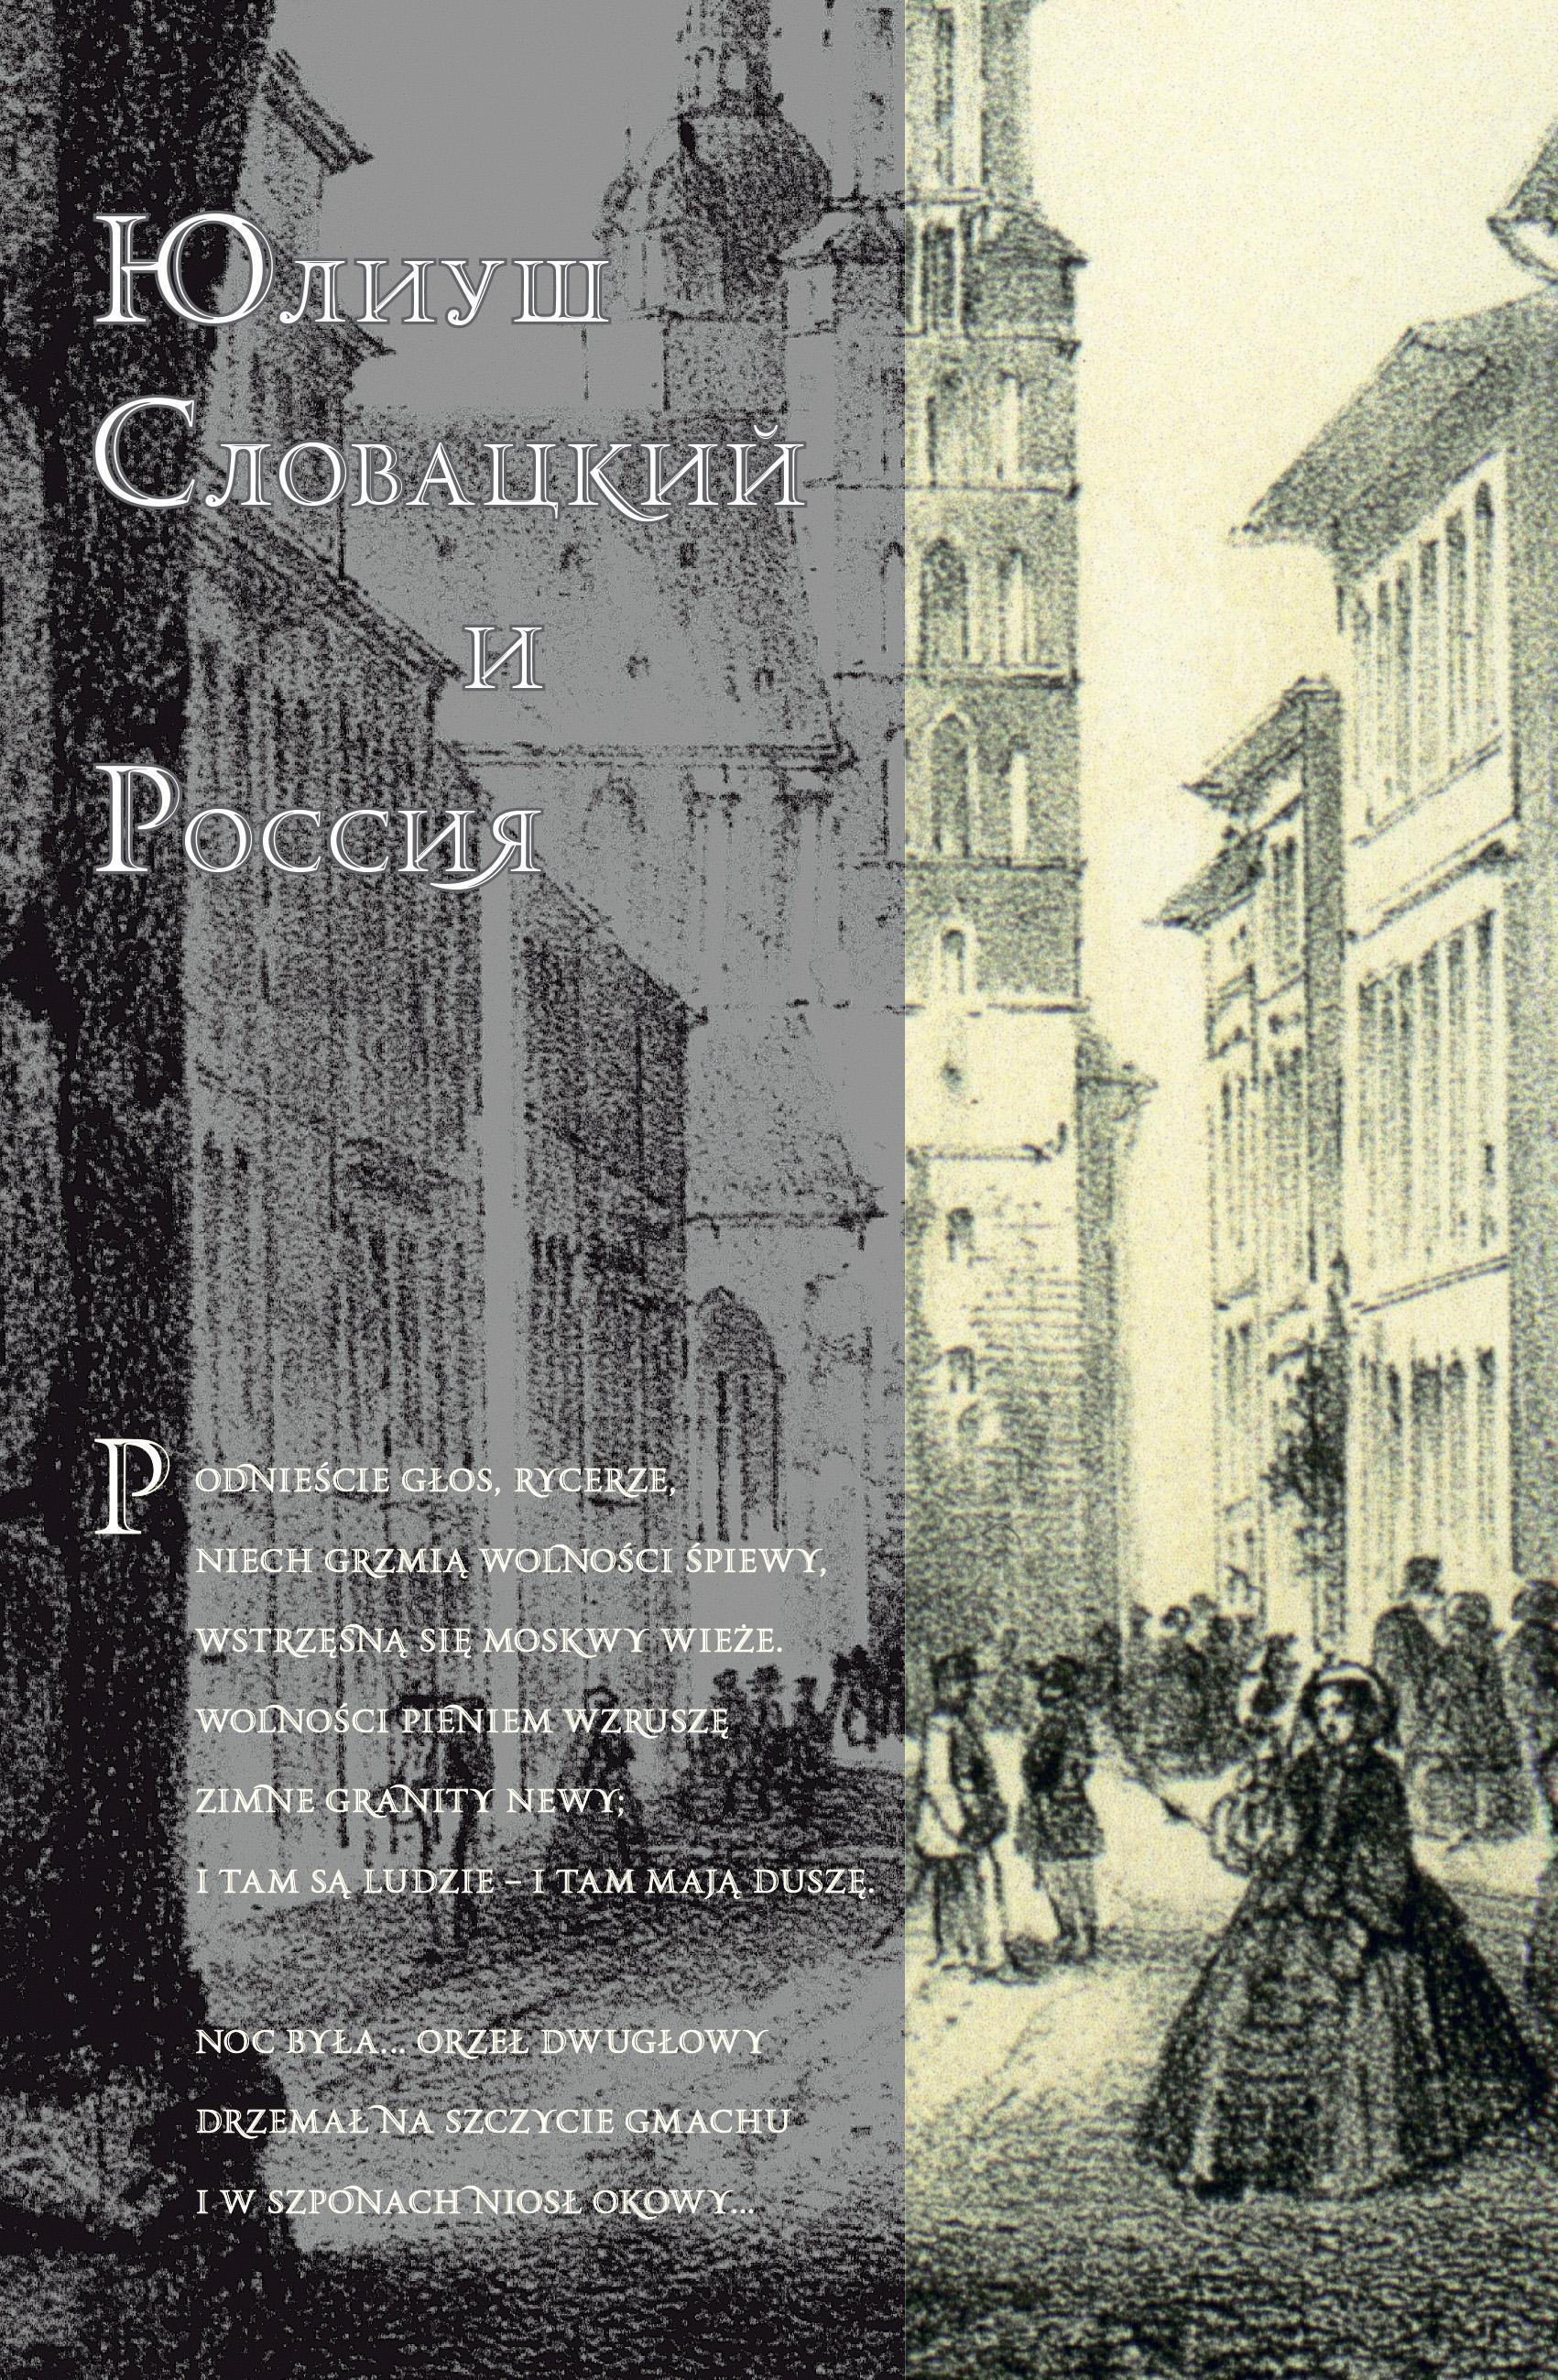 Сборник статей Юлиуш Словацкий и Россия сборник статей абсурд и вокруг